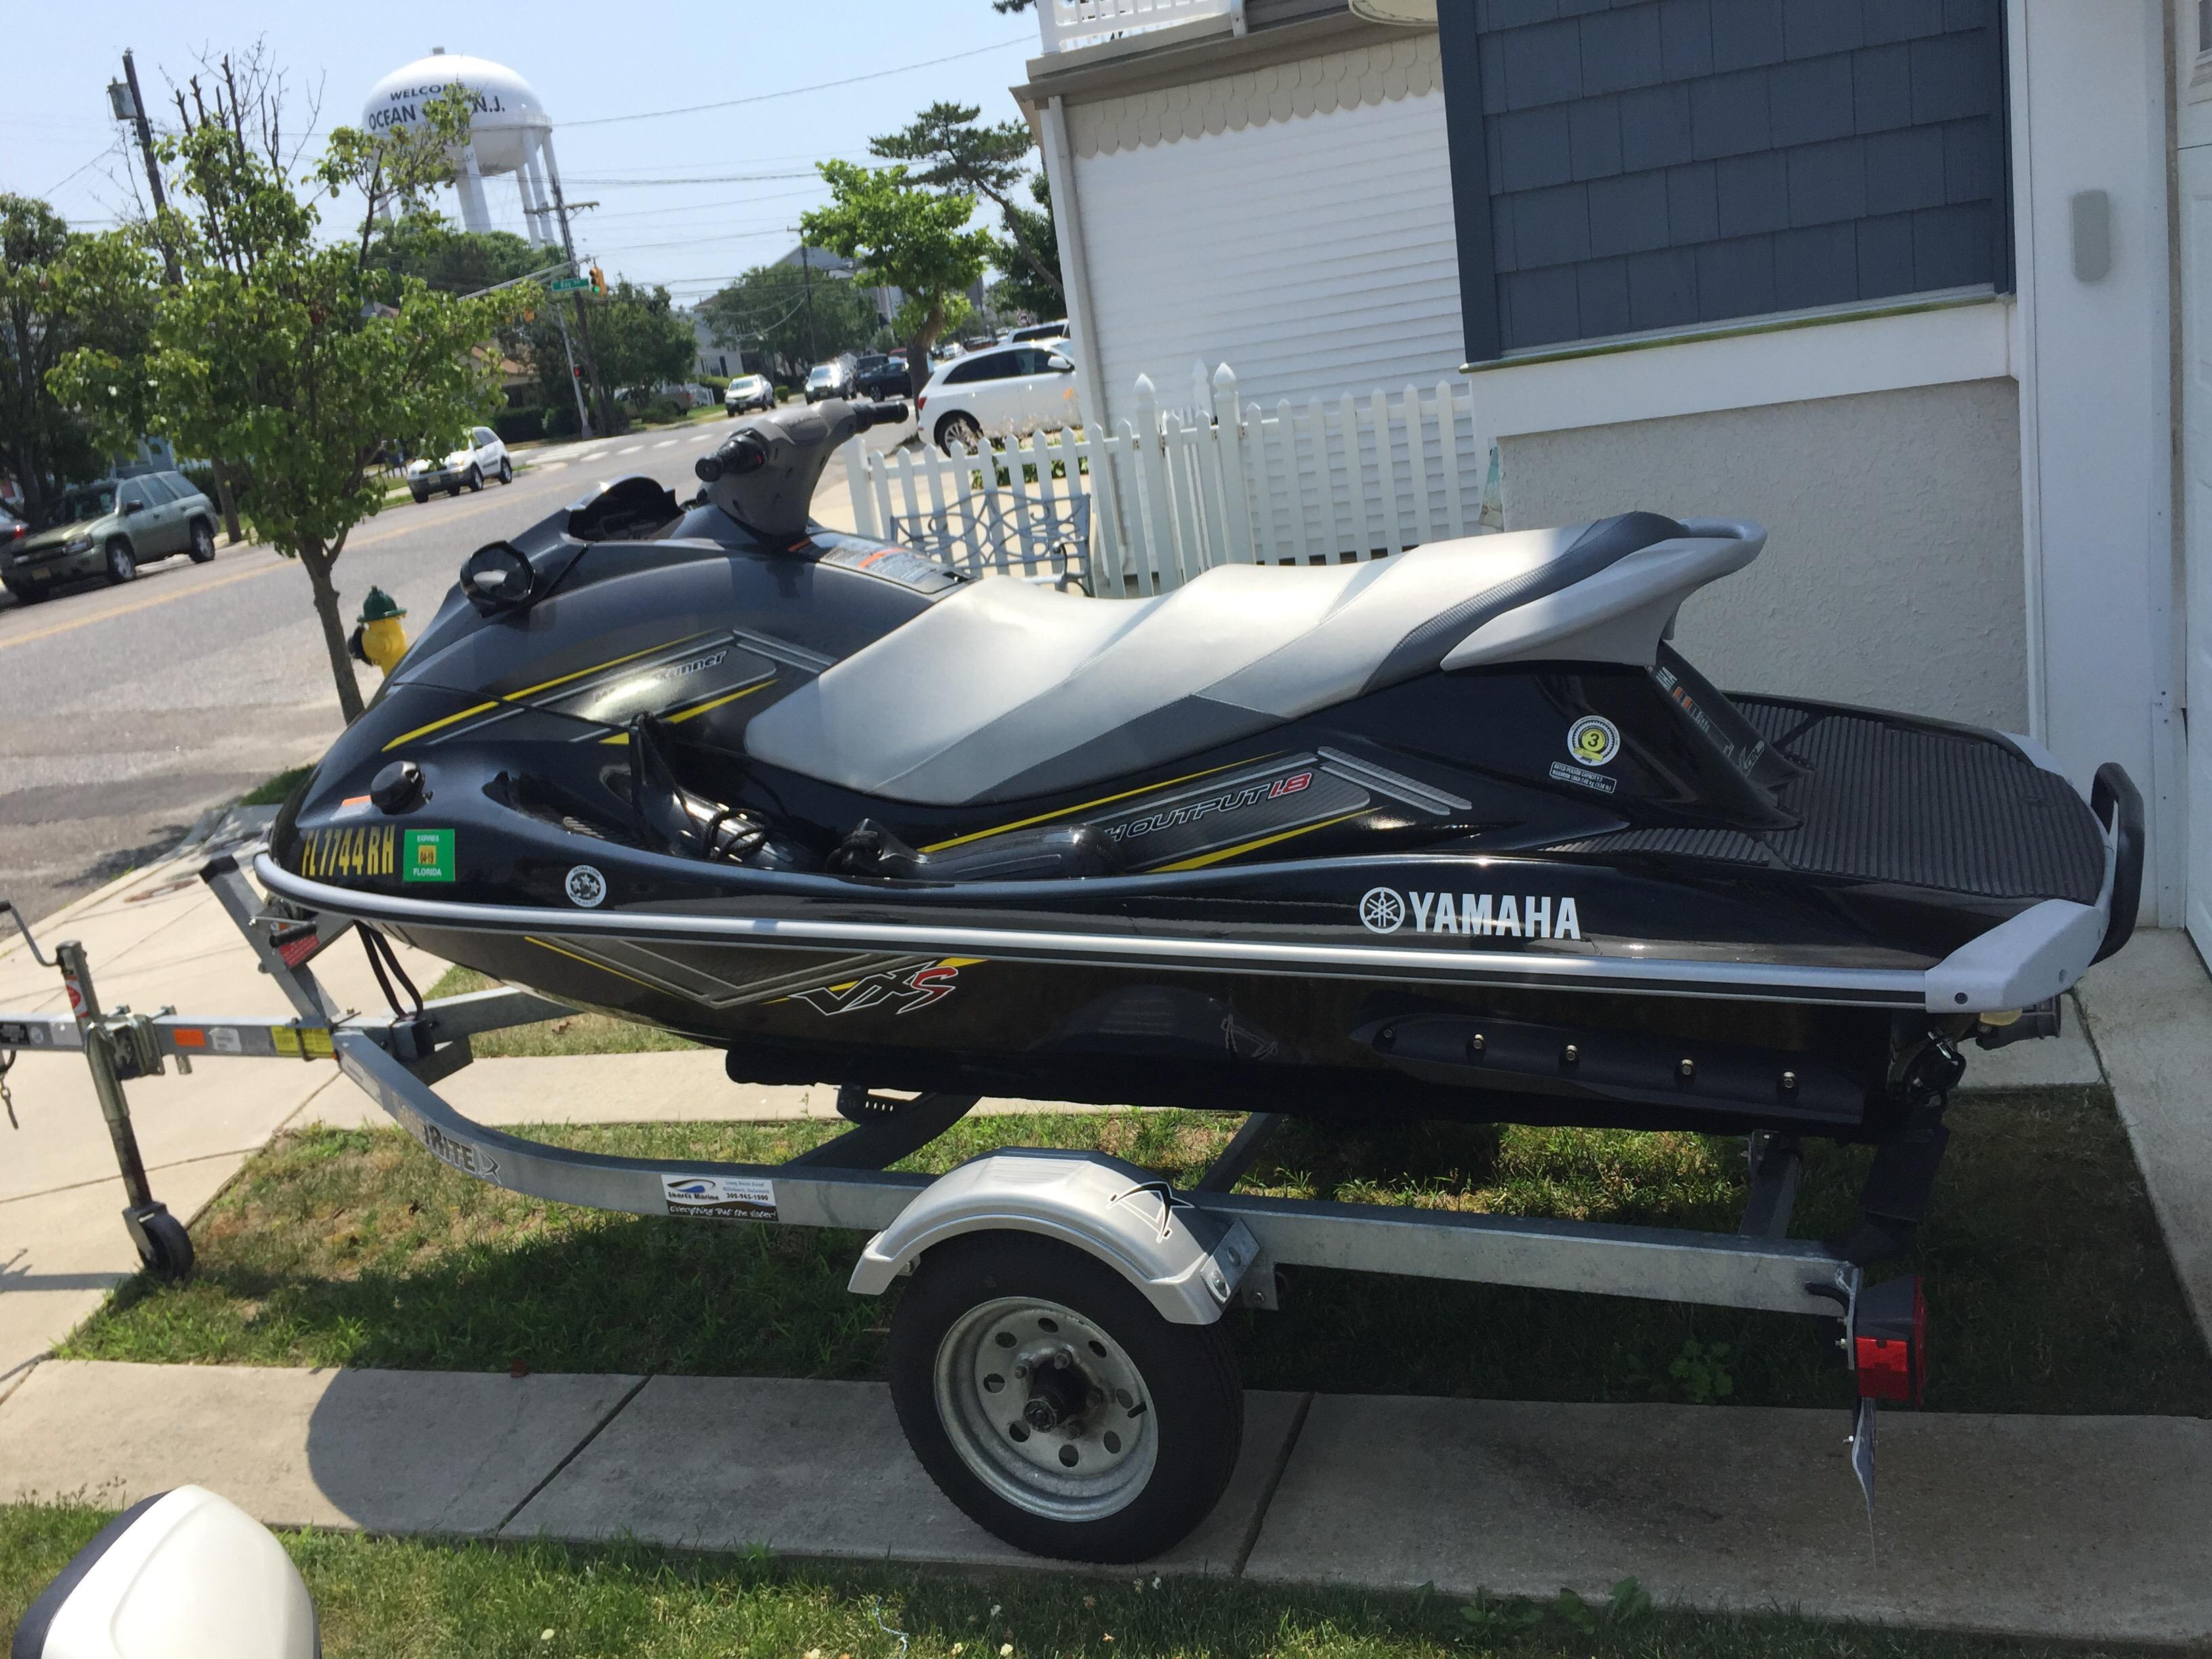 Used 2013 Yamaha Vx Sport Ocean City Nj BoatTrader